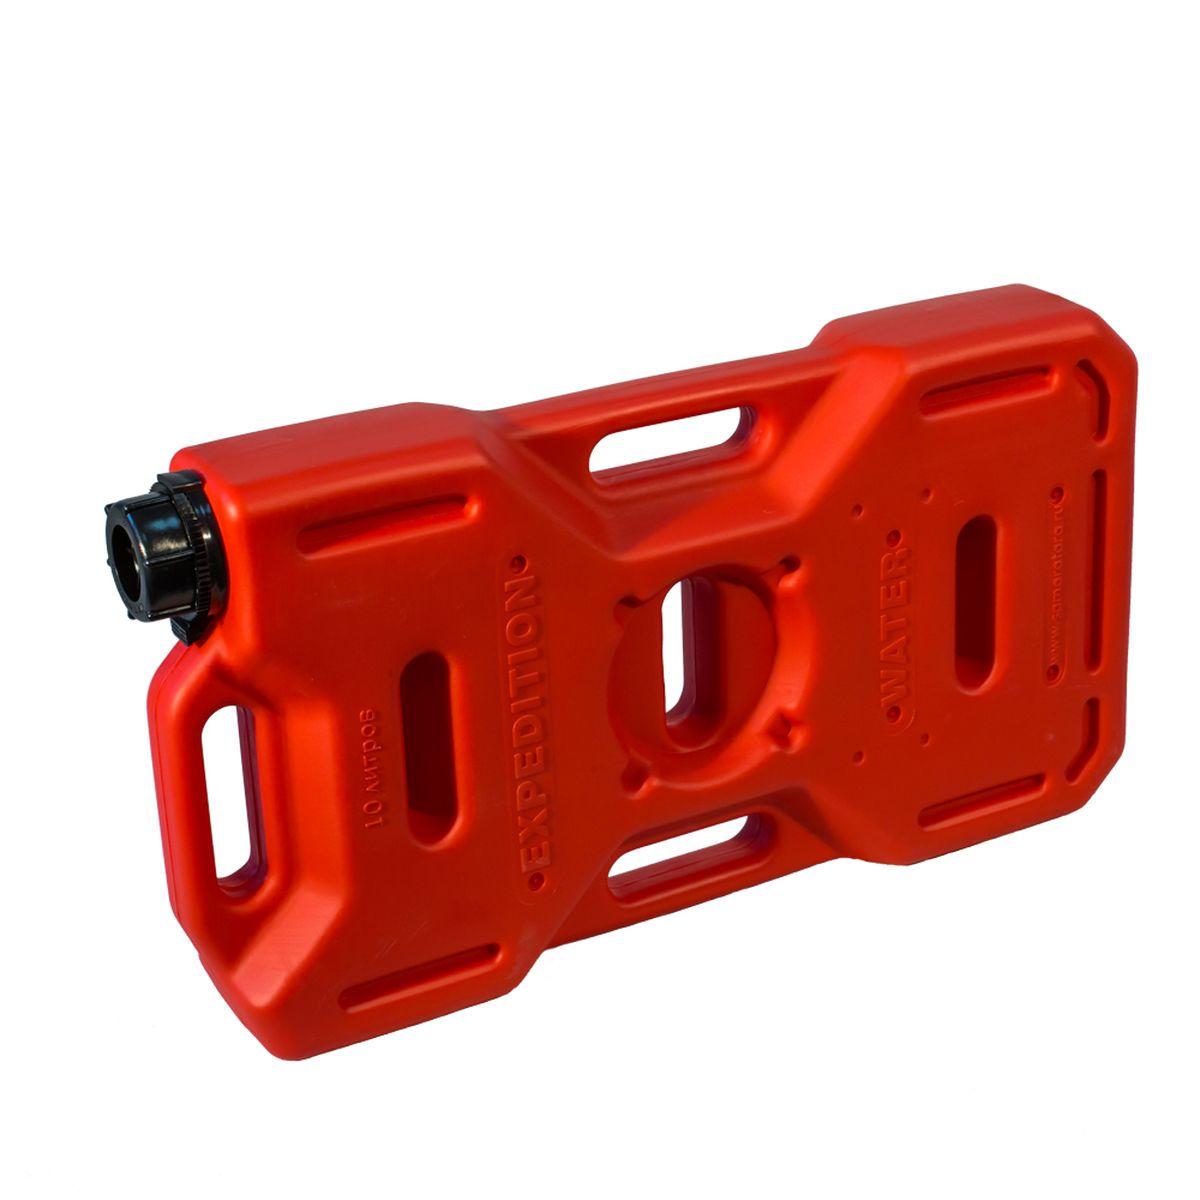 Канистра Экстрим Плюс, цвет: красный, 10 л 50 литровую канистру в спб пластик